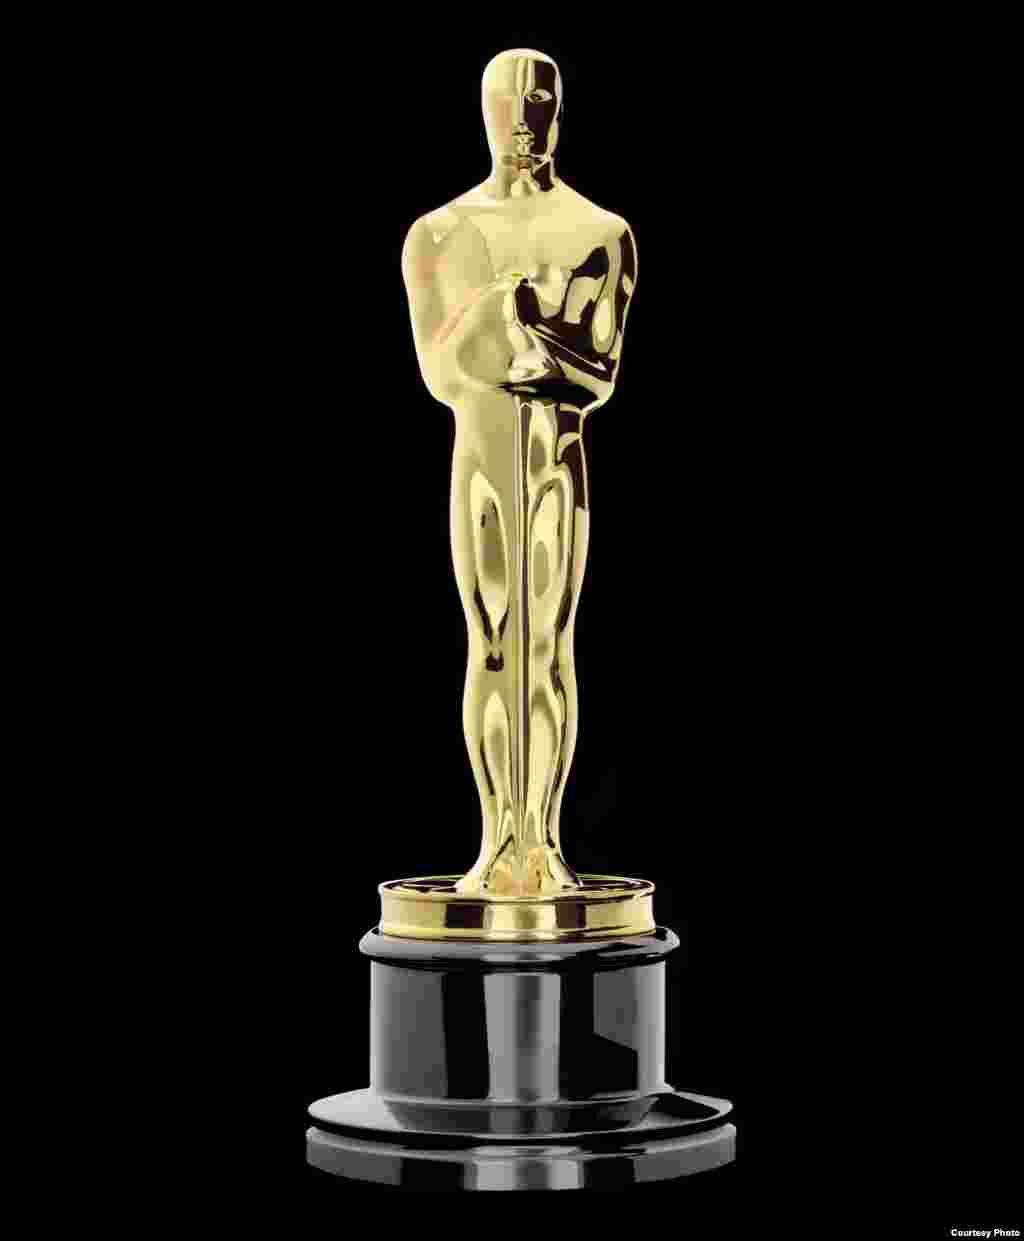 Oscar ödülü.